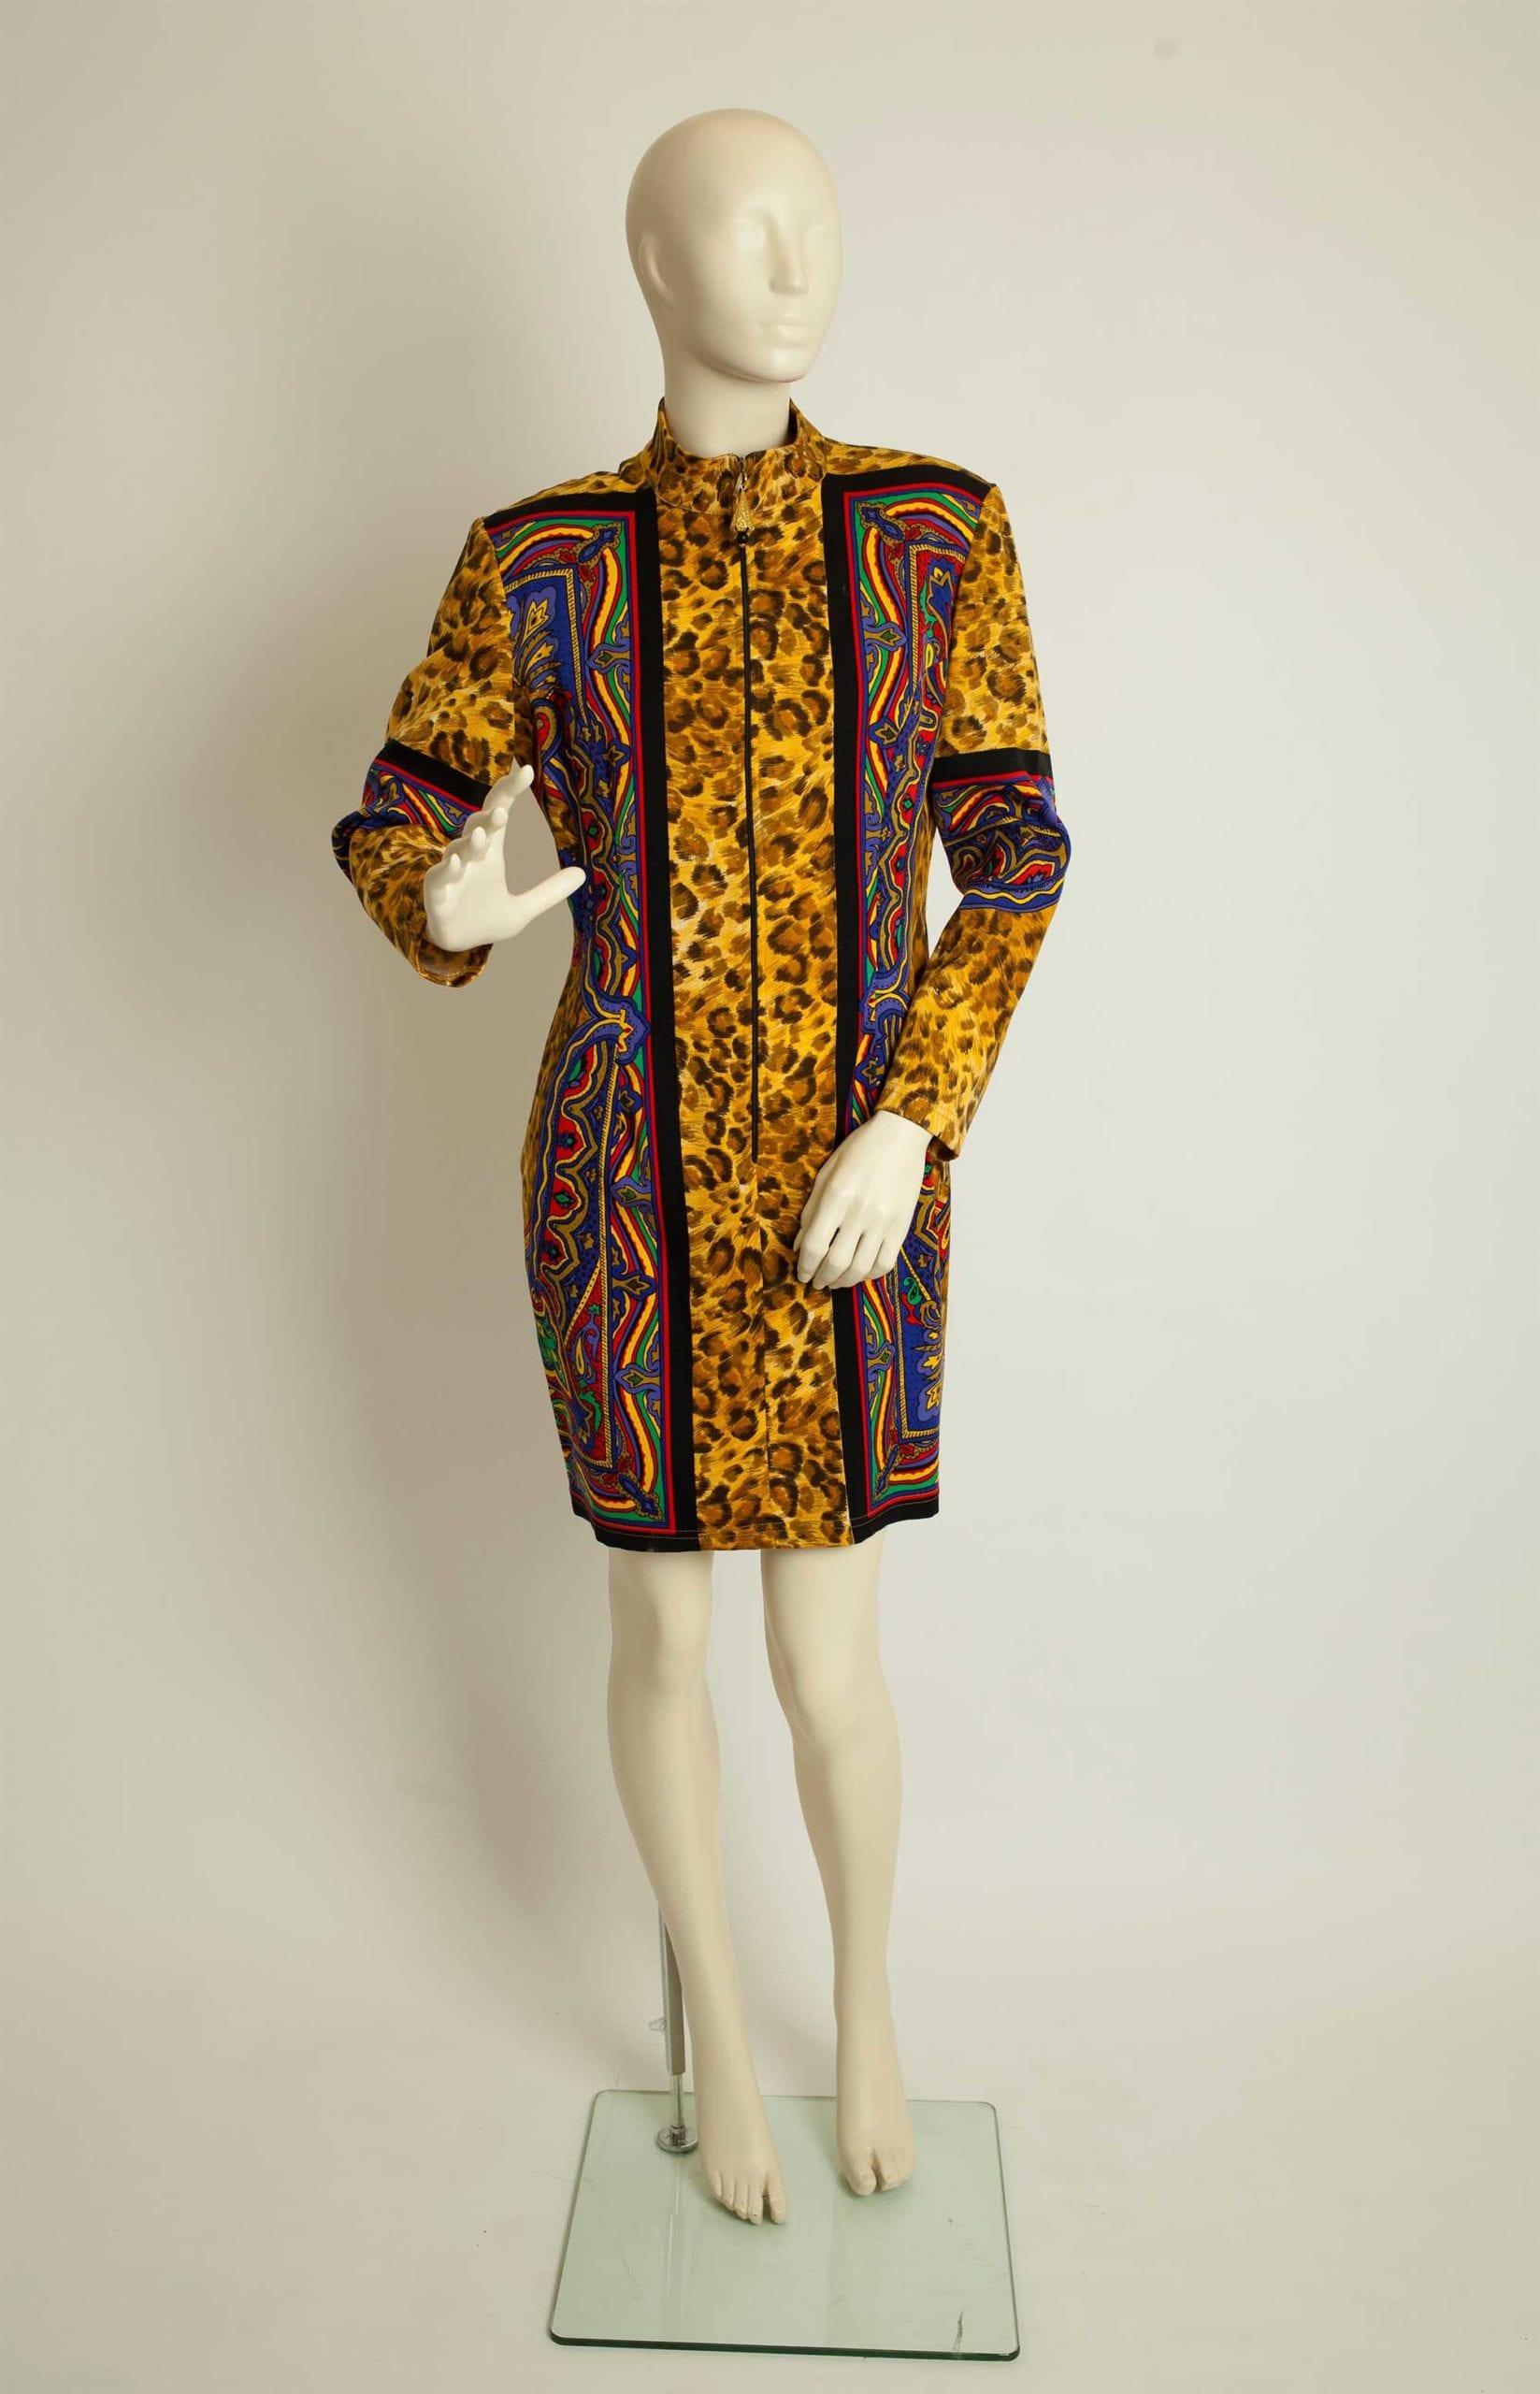 Versace 1992 photo by Lee Barbu, אופנה, )